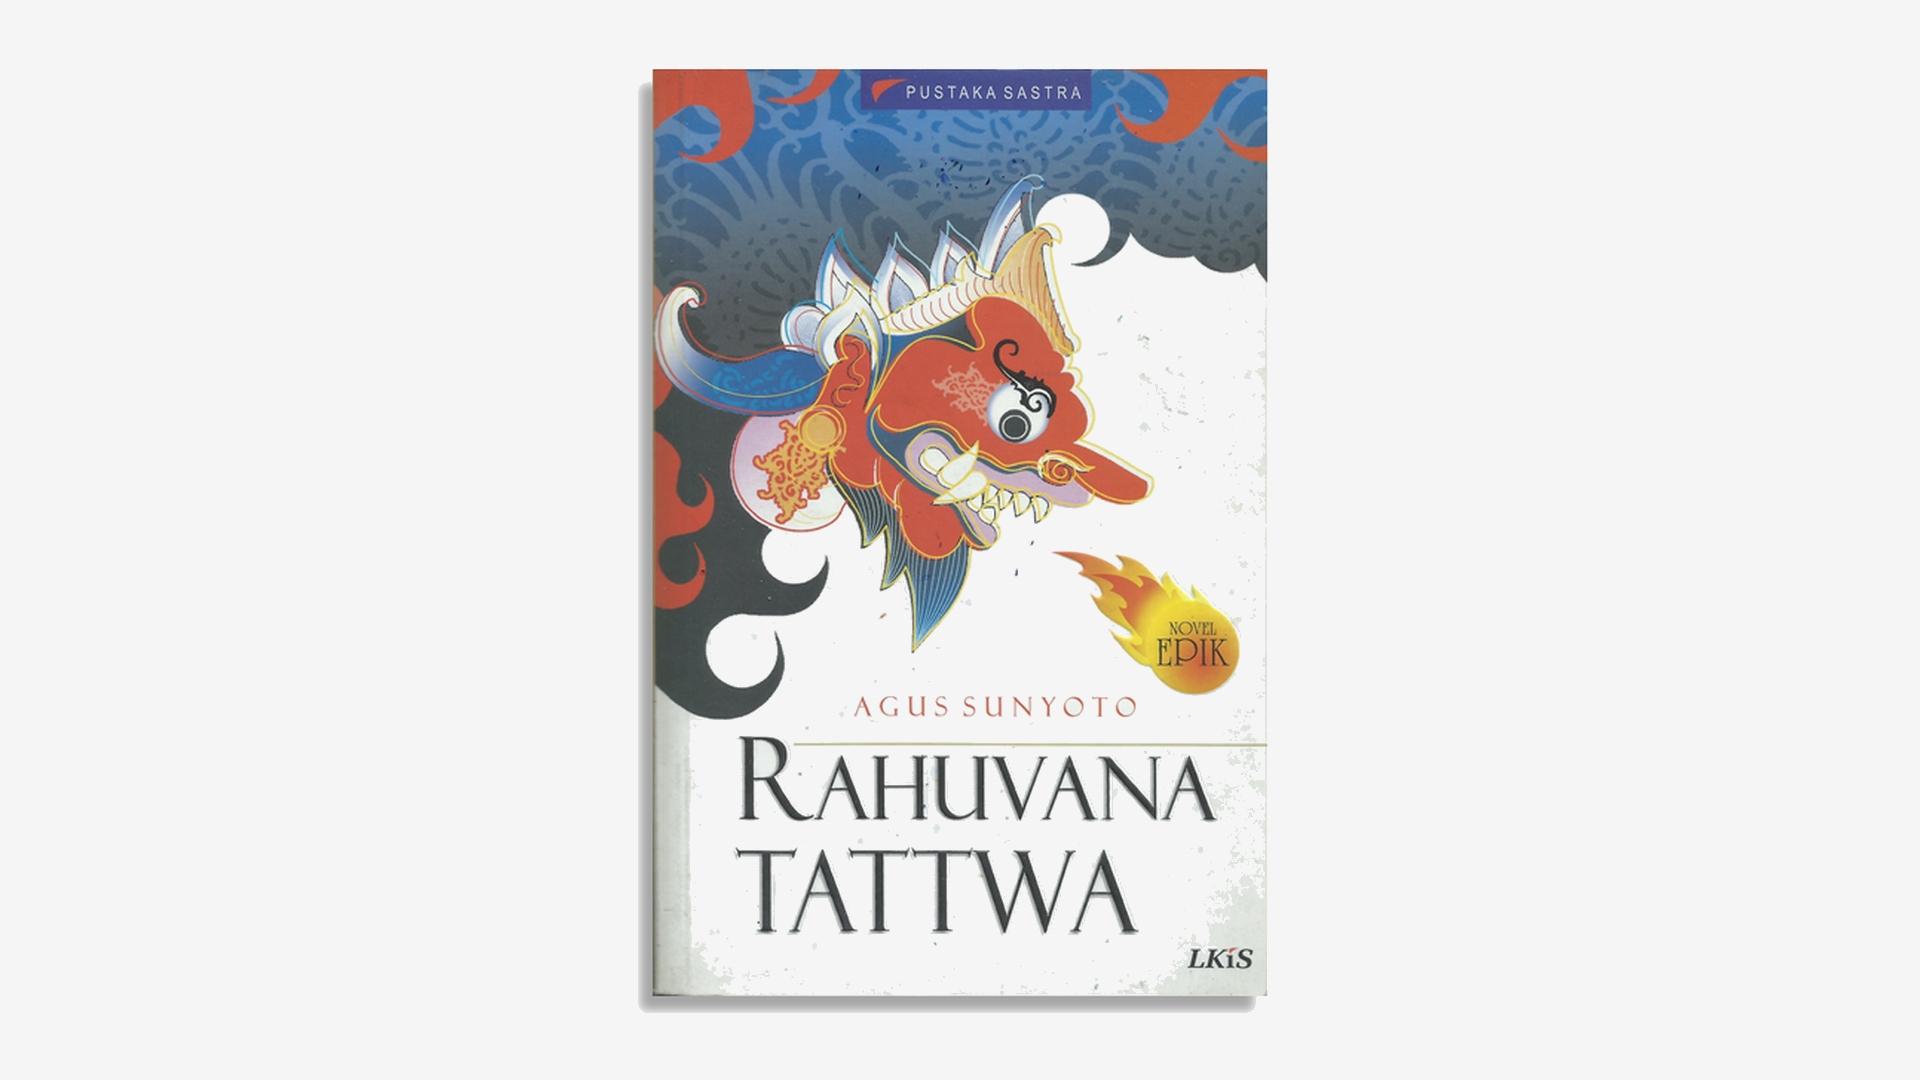 Agus Sunyoto – Rahuvana Tattwa